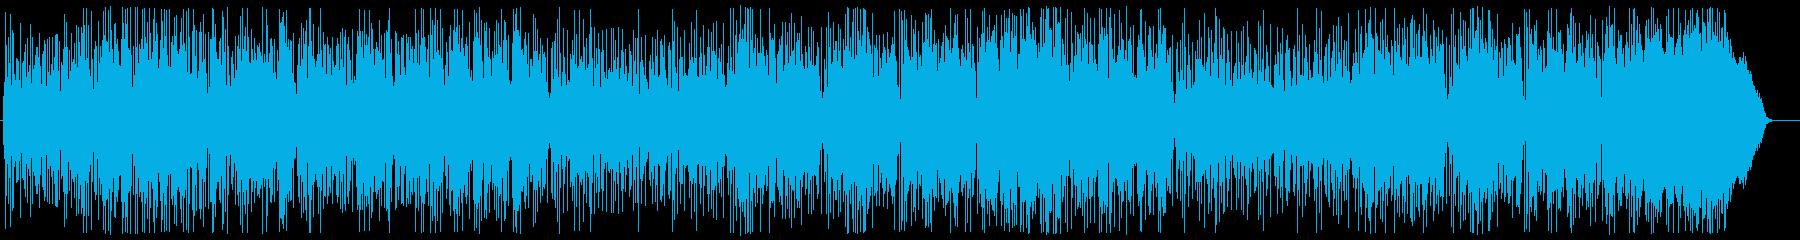 スローファンクとメロディック。の再生済みの波形